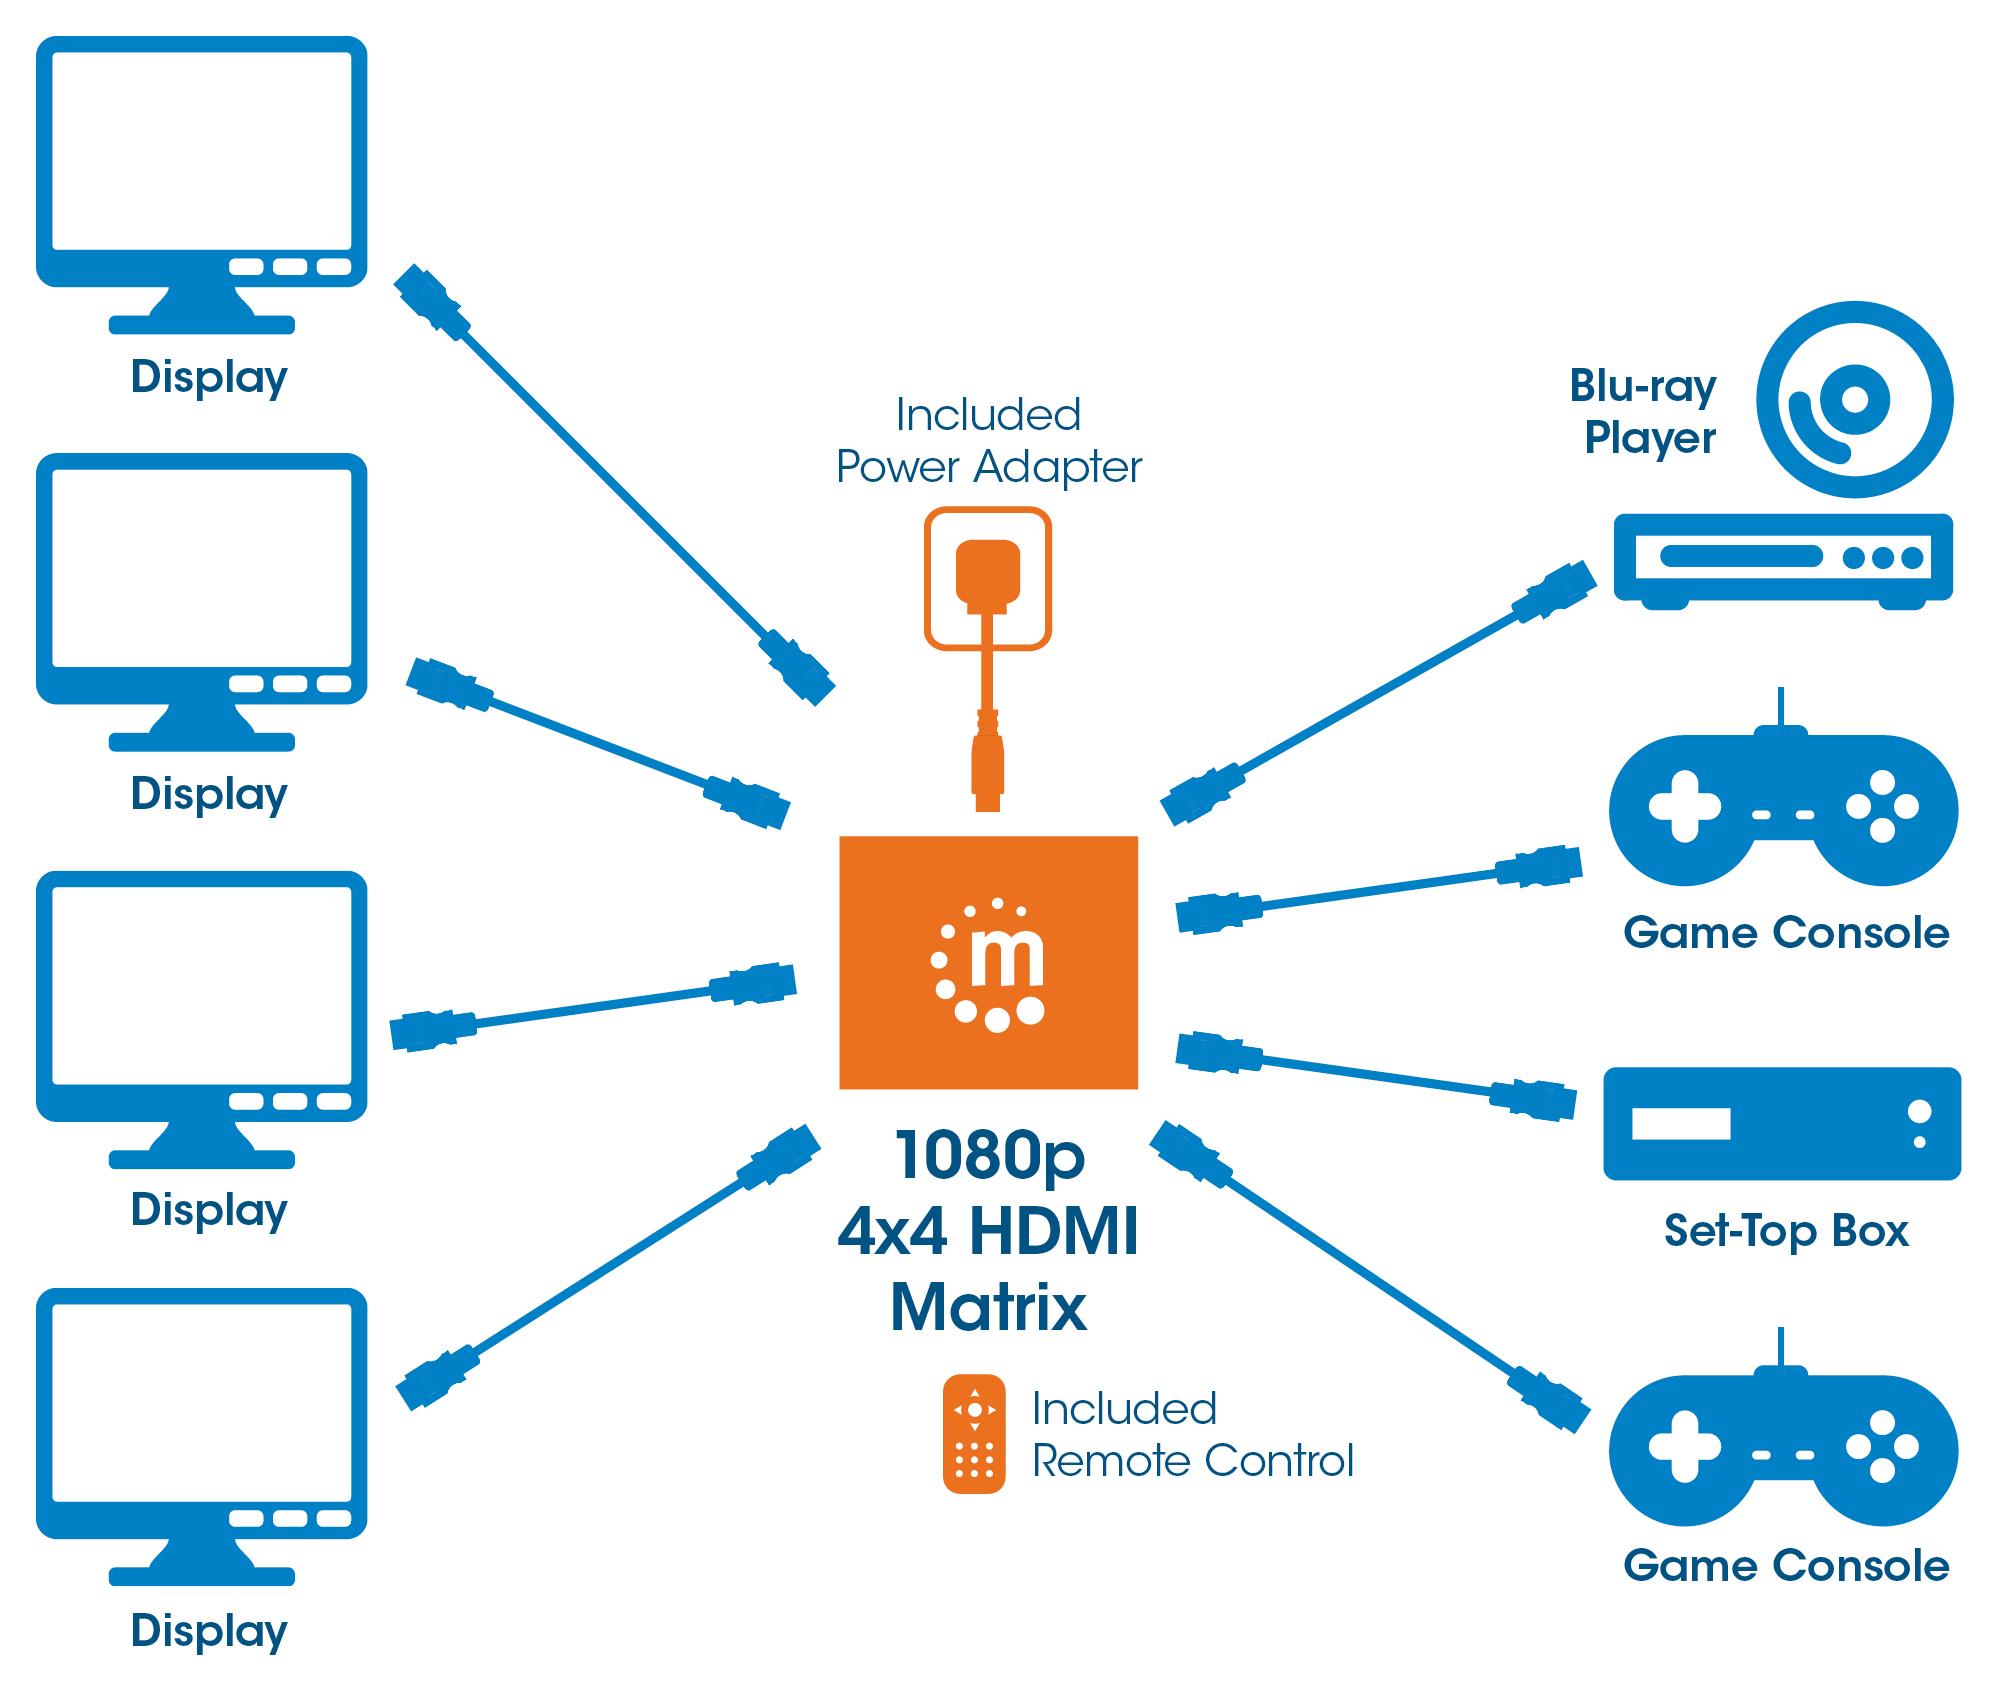 1080p 4x4 HDMI Matrix